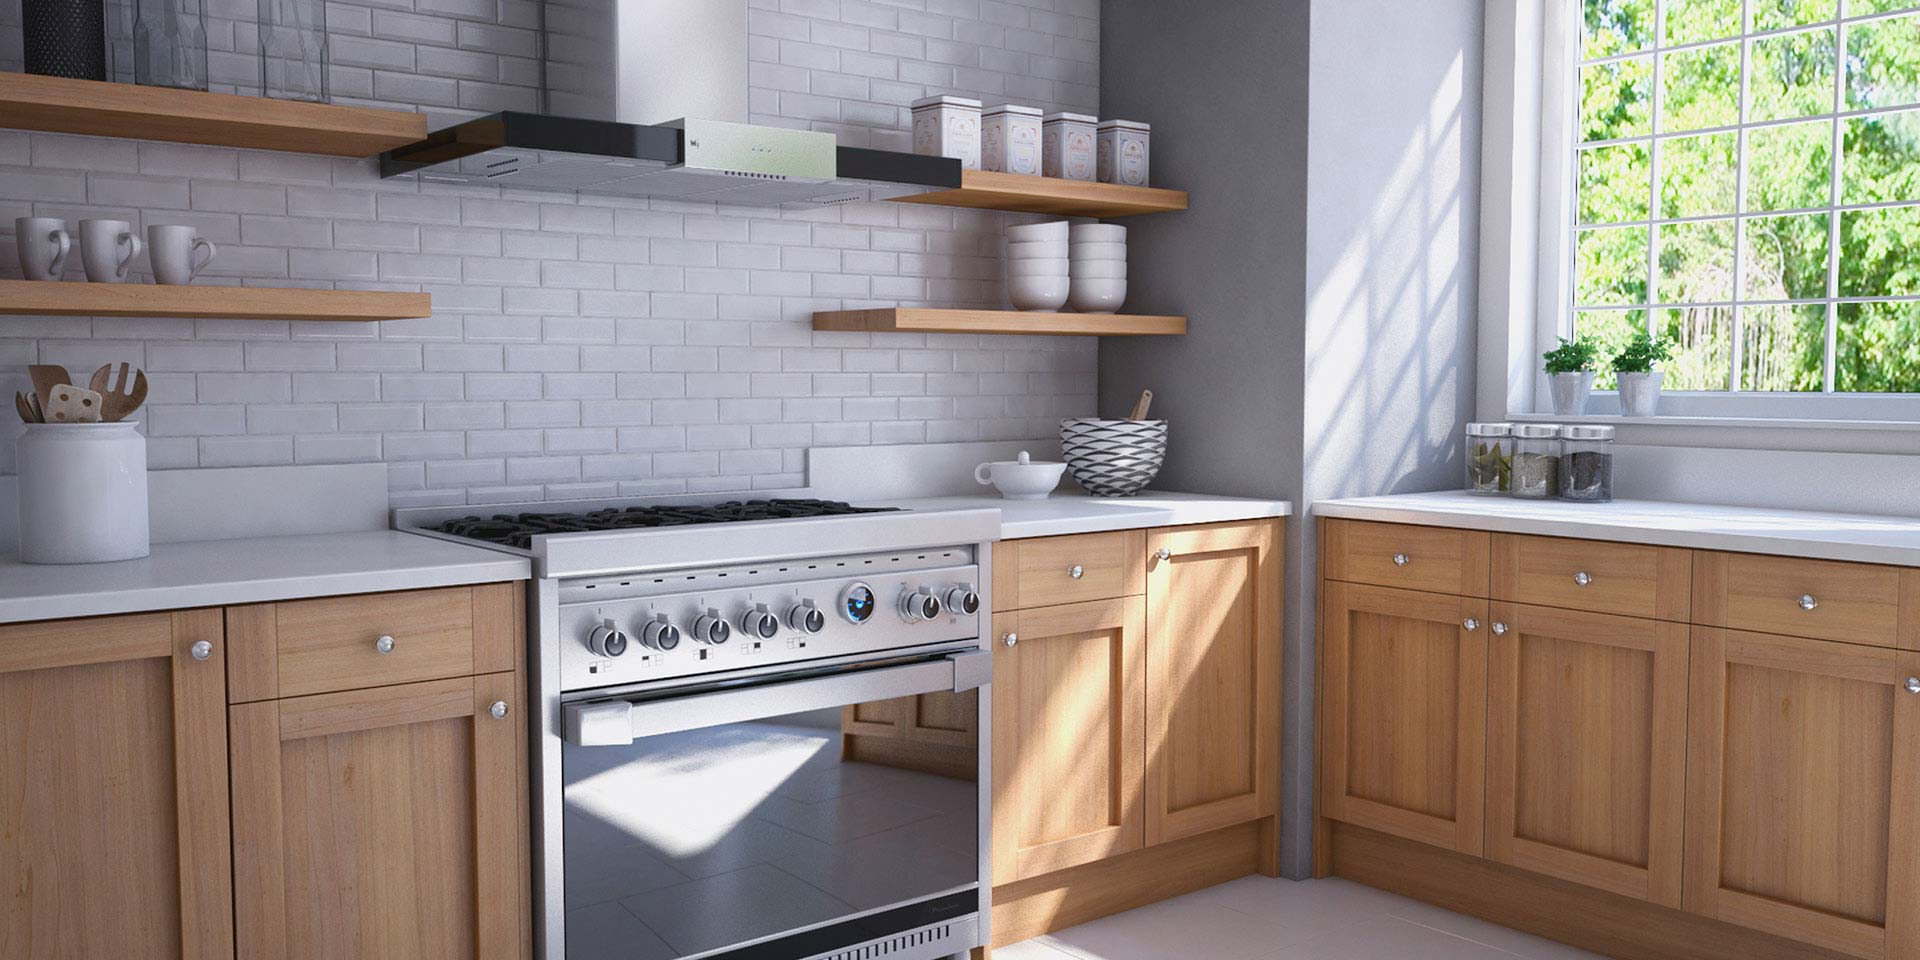 Catalogo muebles de cocina reno ideas for Muebles de cocina bauhaus